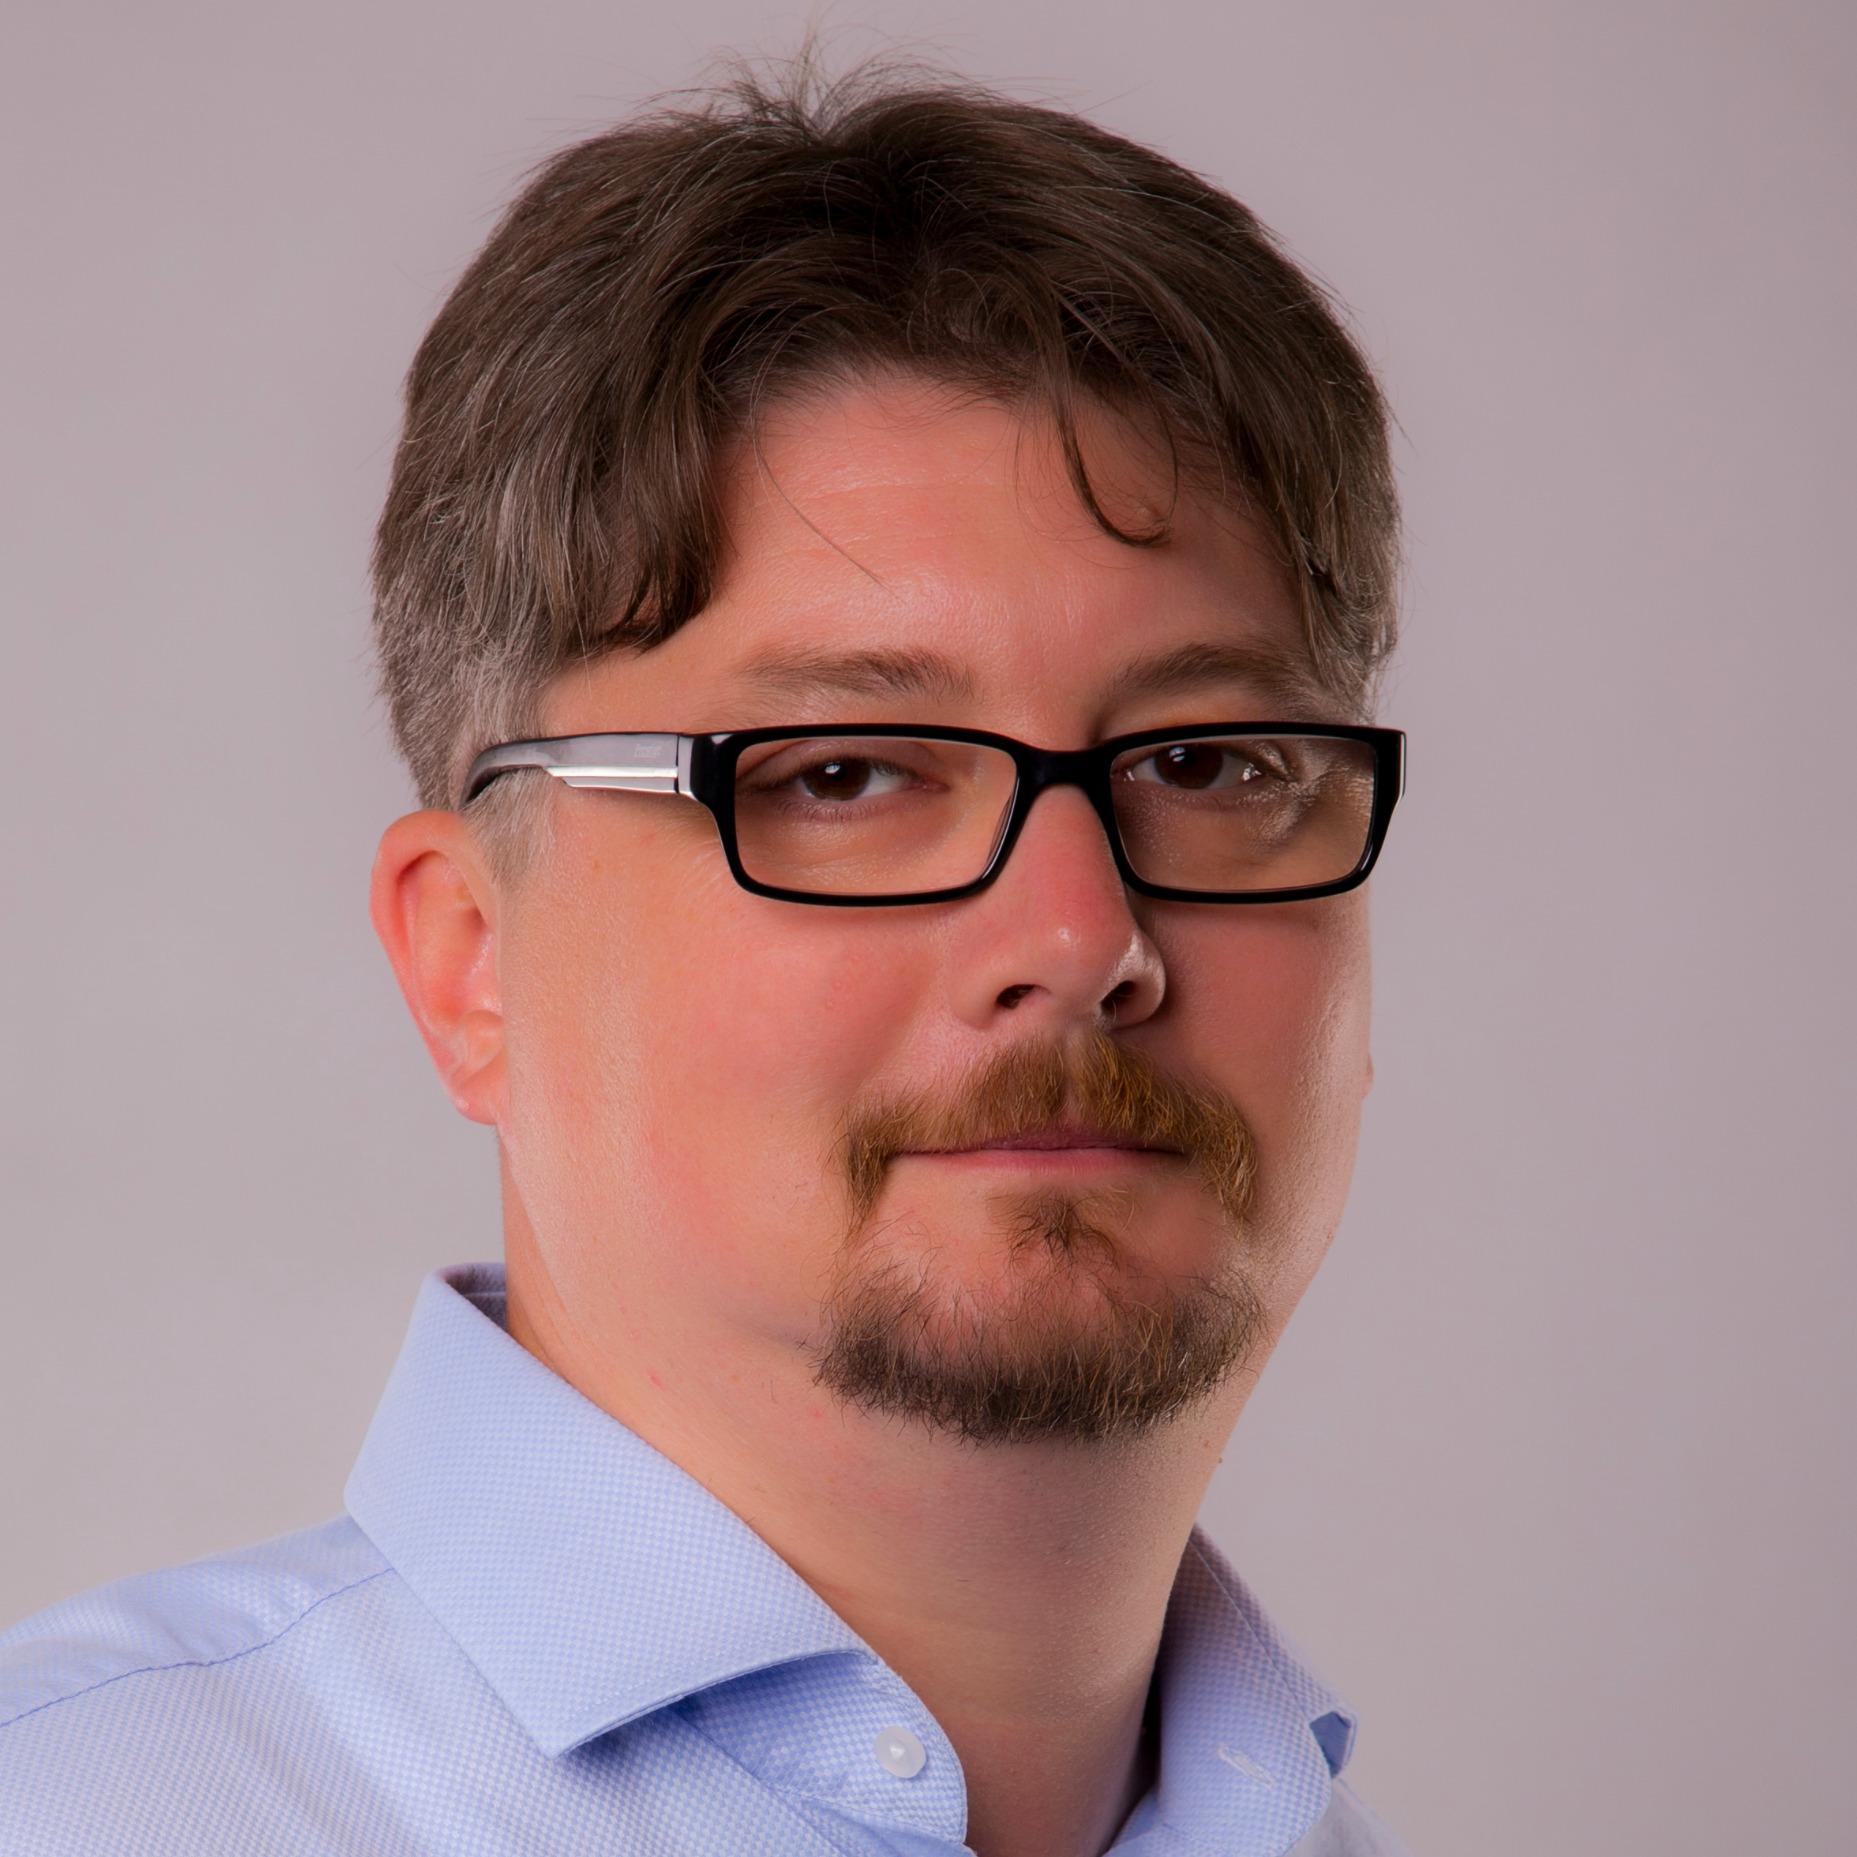 Árpád Zsolt Bodó, PhD